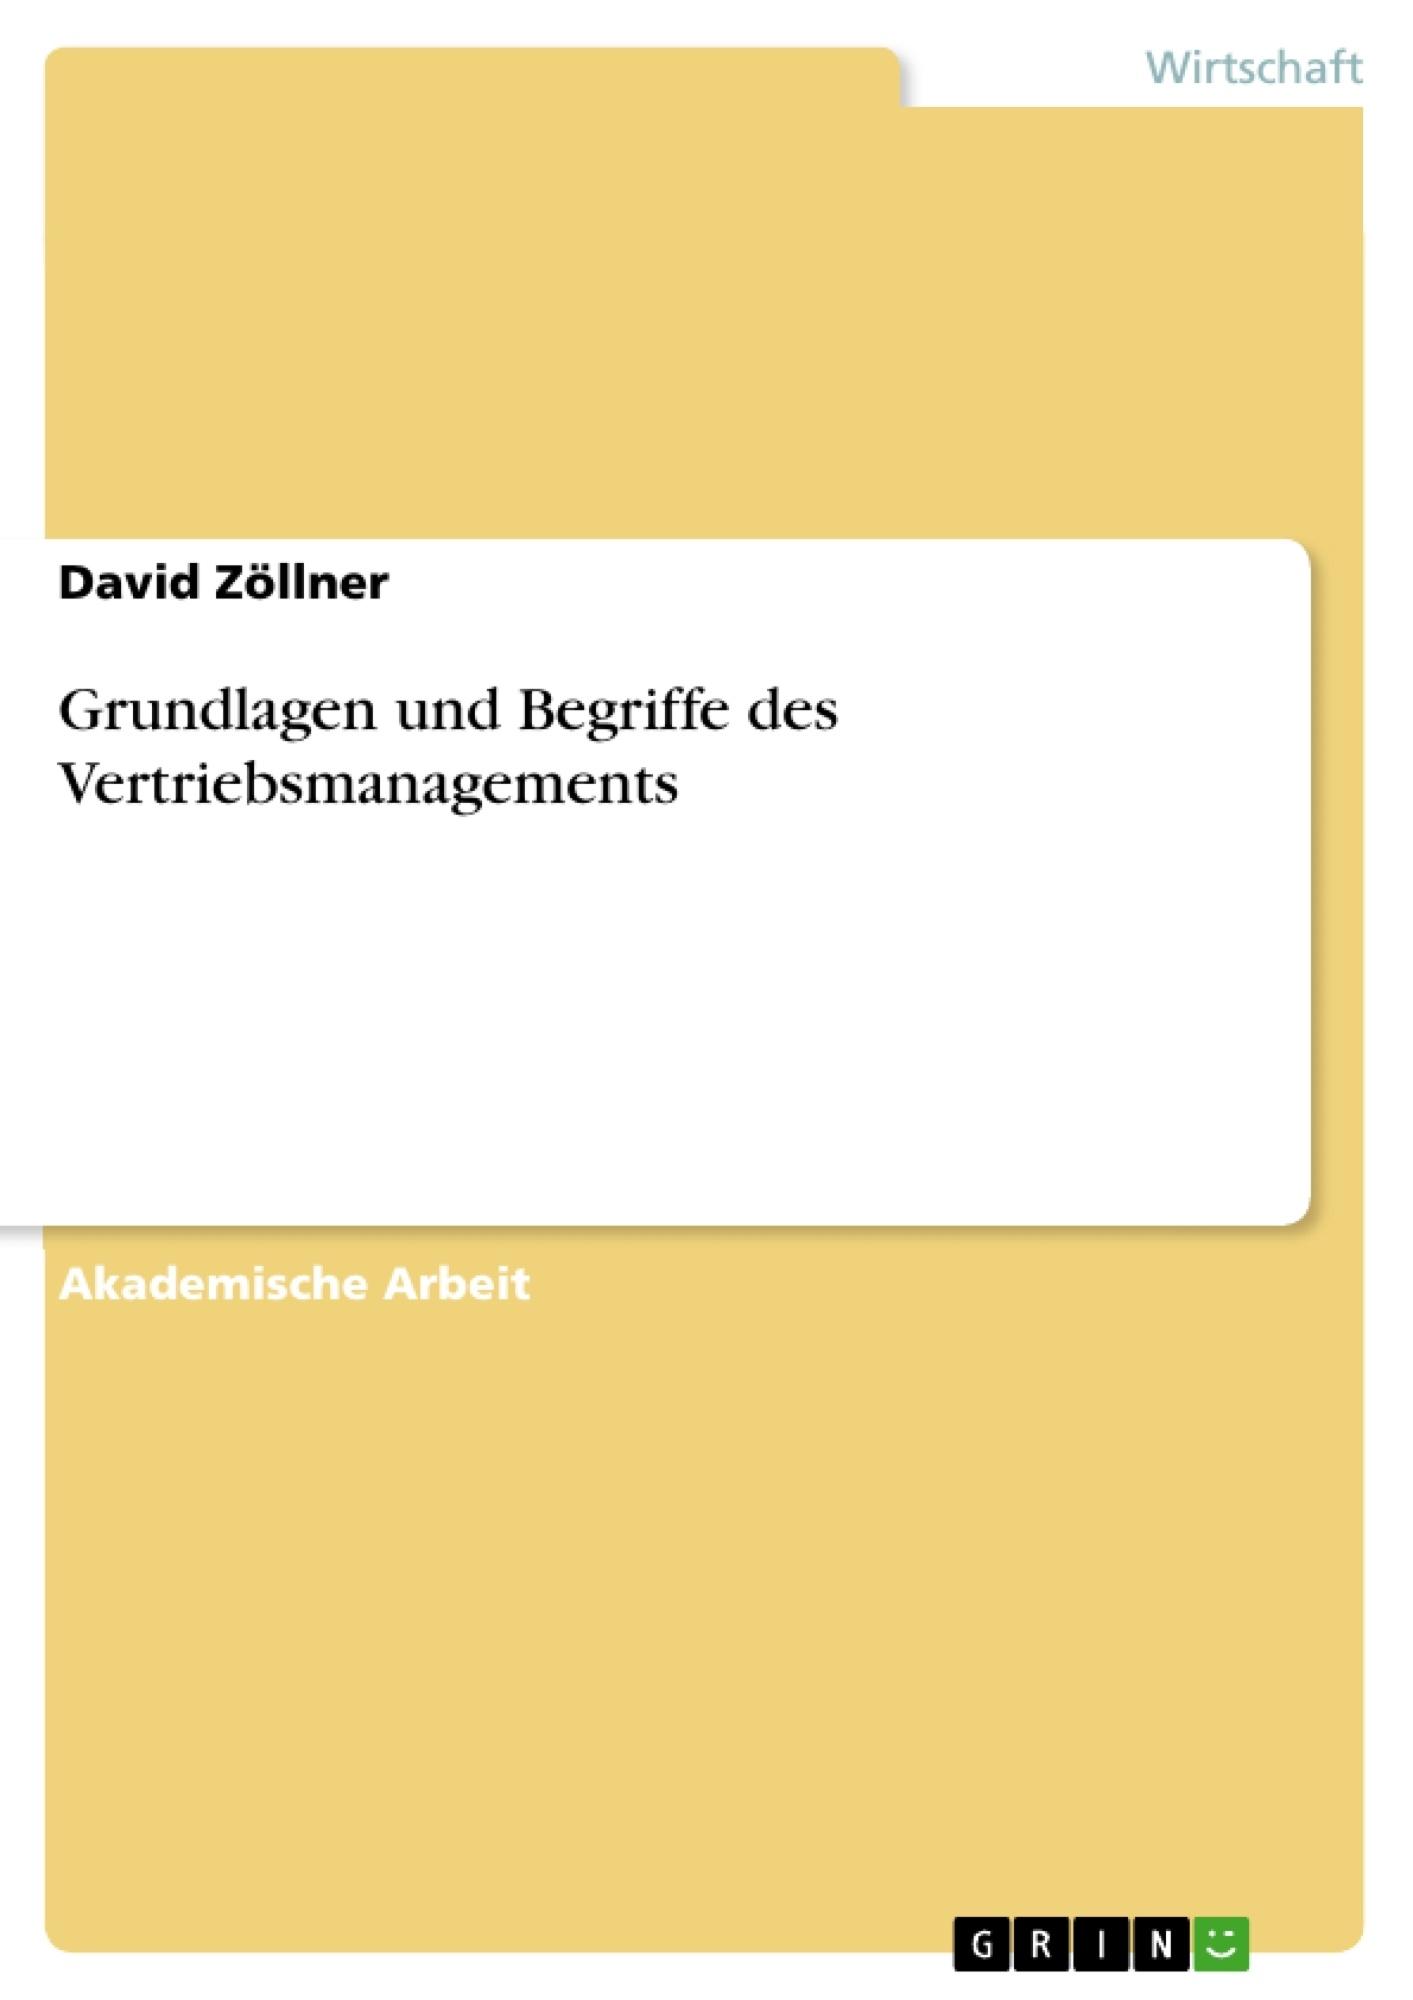 Titel: Grundlagen und Begriffe des Vertriebsmanagements